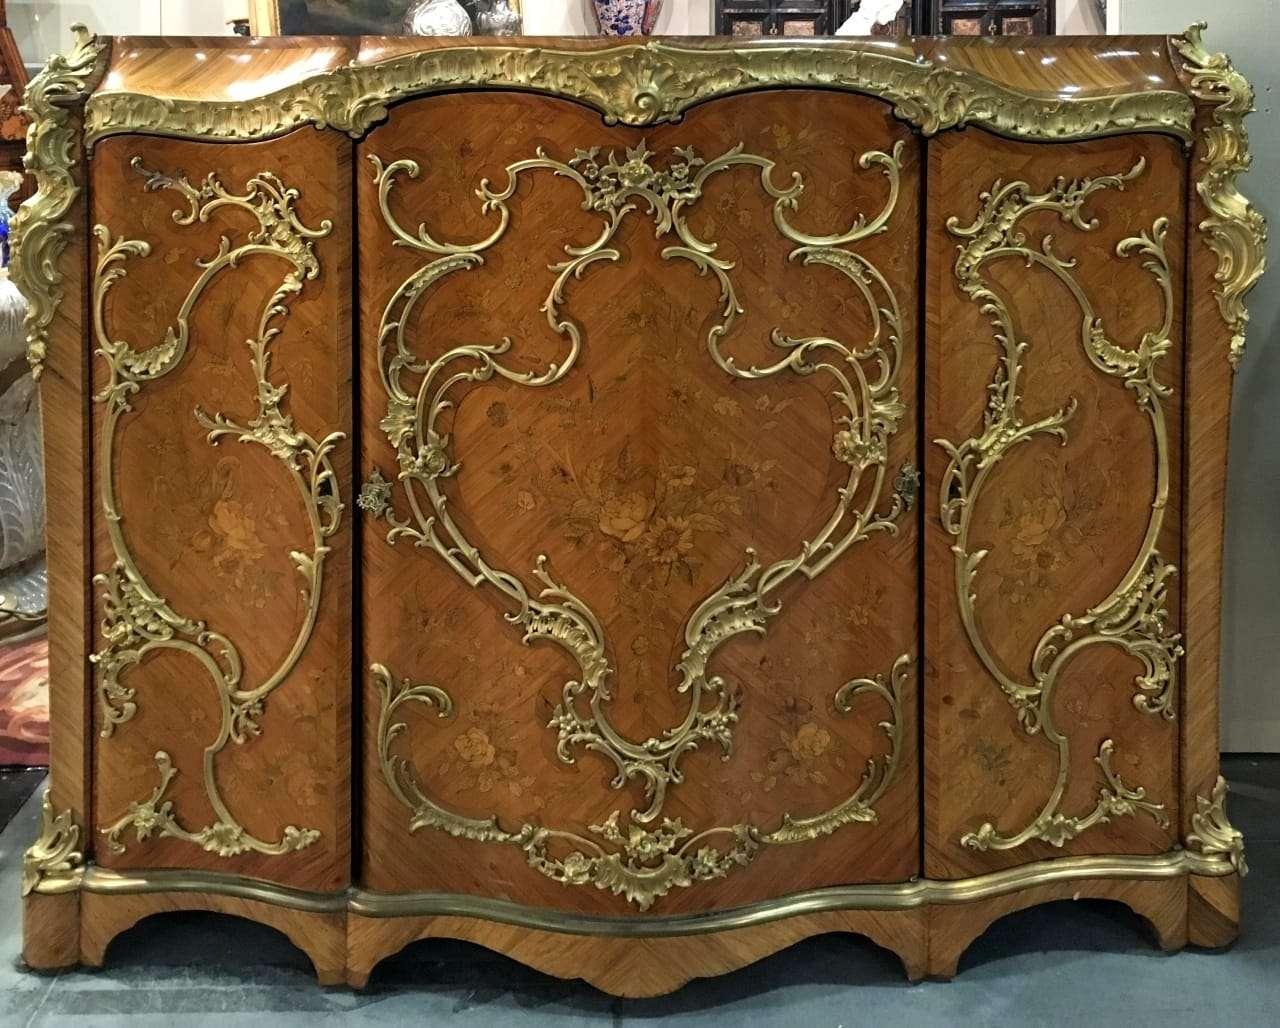 Credenza napoleone III intarsiata applicazioni in bronzo dorato